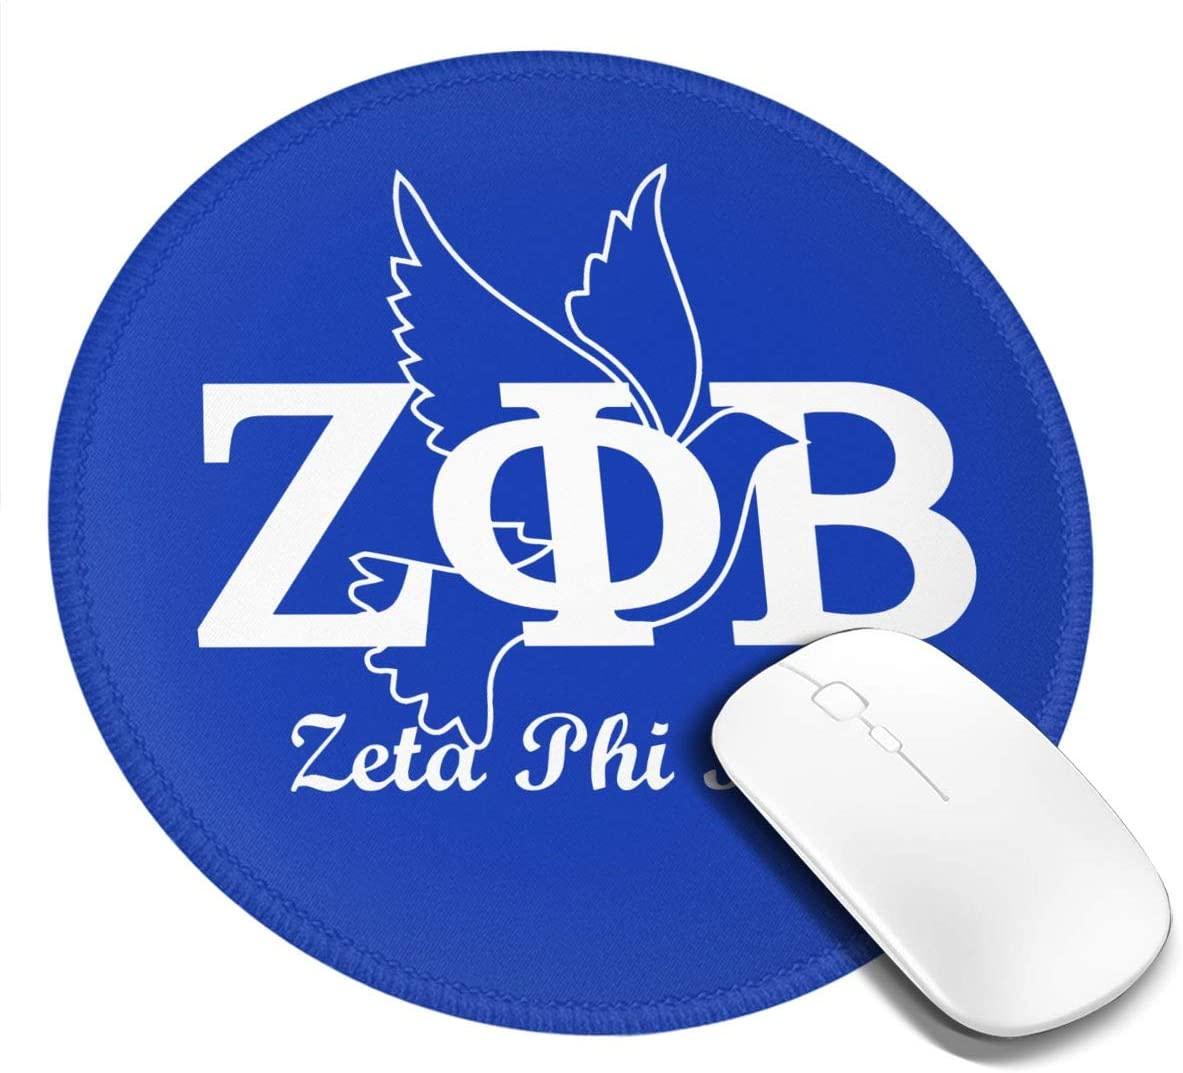 Zeta Phi Beta Mouse Pad Non-Slip Rubber Base Mousepad for Laptop